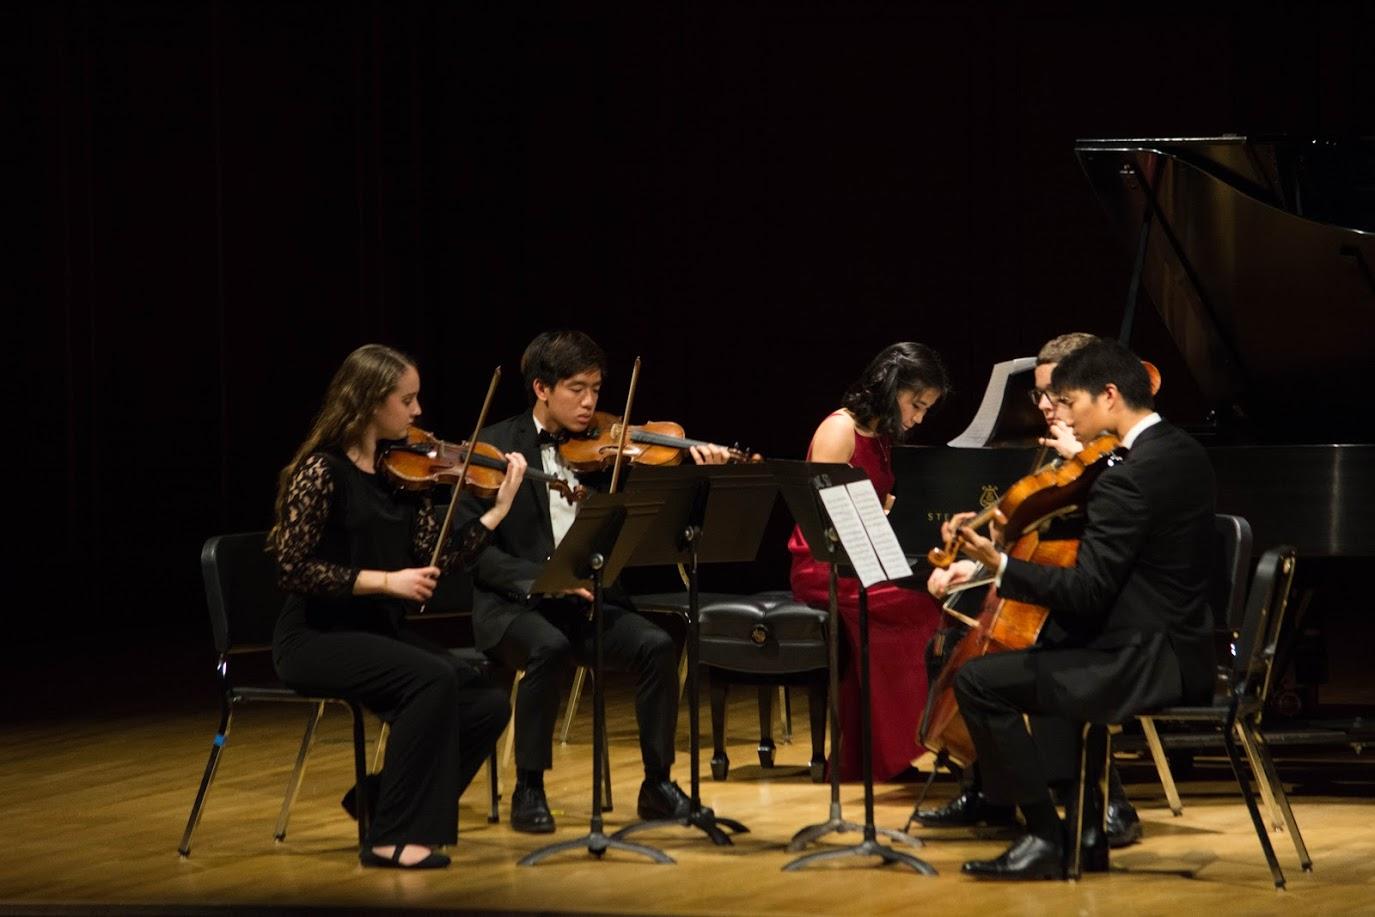 University Chamber Players